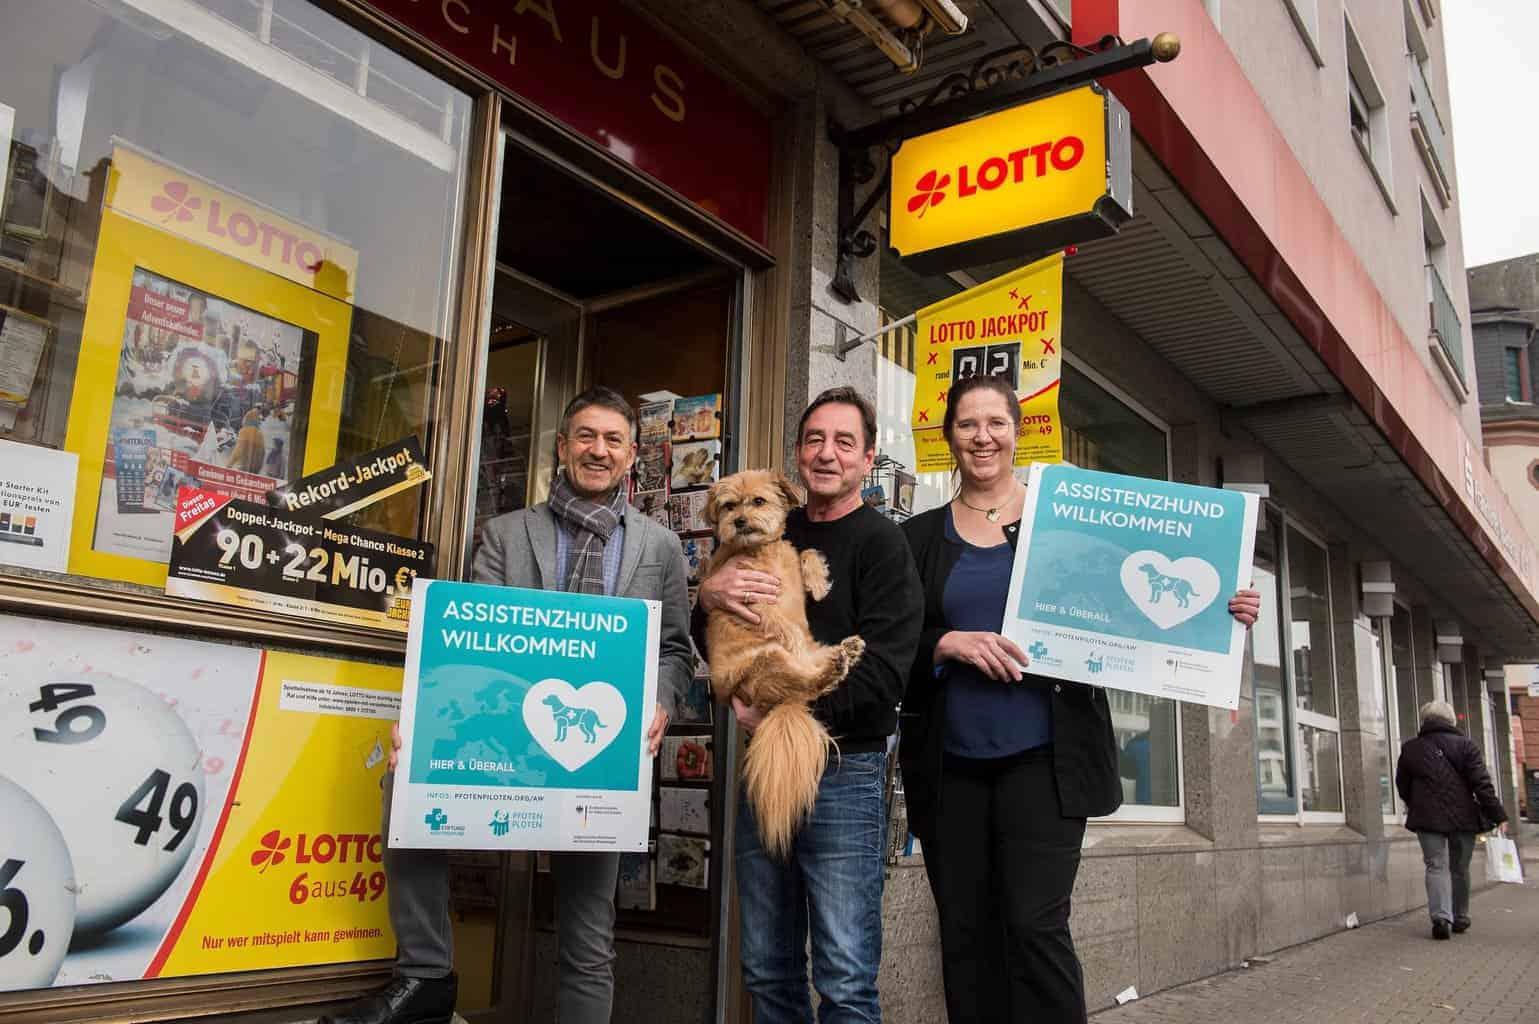 Lotto Hessen Aktion :: Vor der Tür der kleinen Lotto-Verkaufsstelle steht links Herrn Junker von Lotto Hessen mit großem Schild der Zutrittskampagne